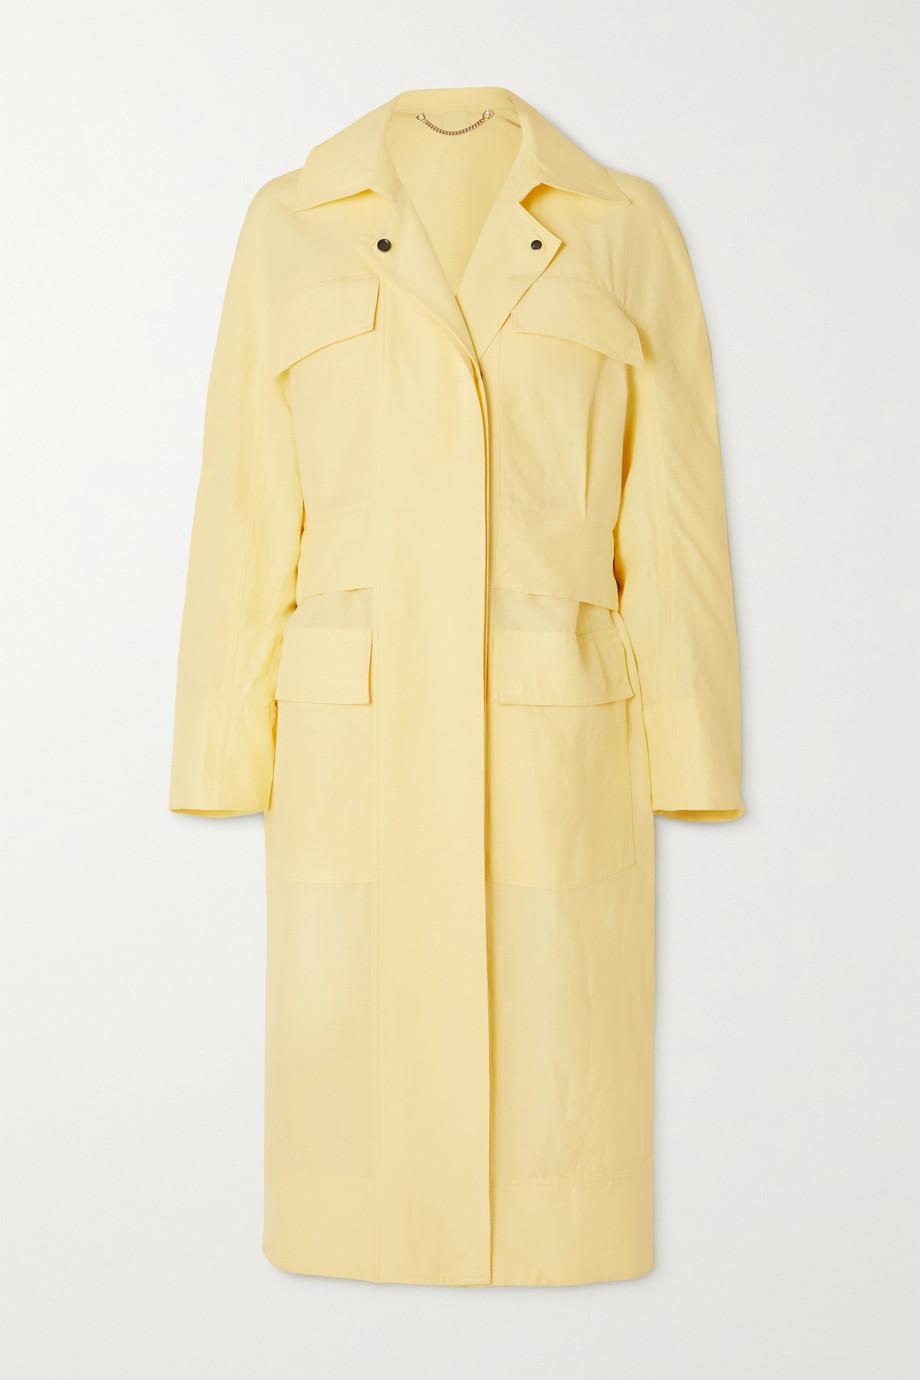 Salvatore Ferragamo Trench-coat en lin et soie mélangés